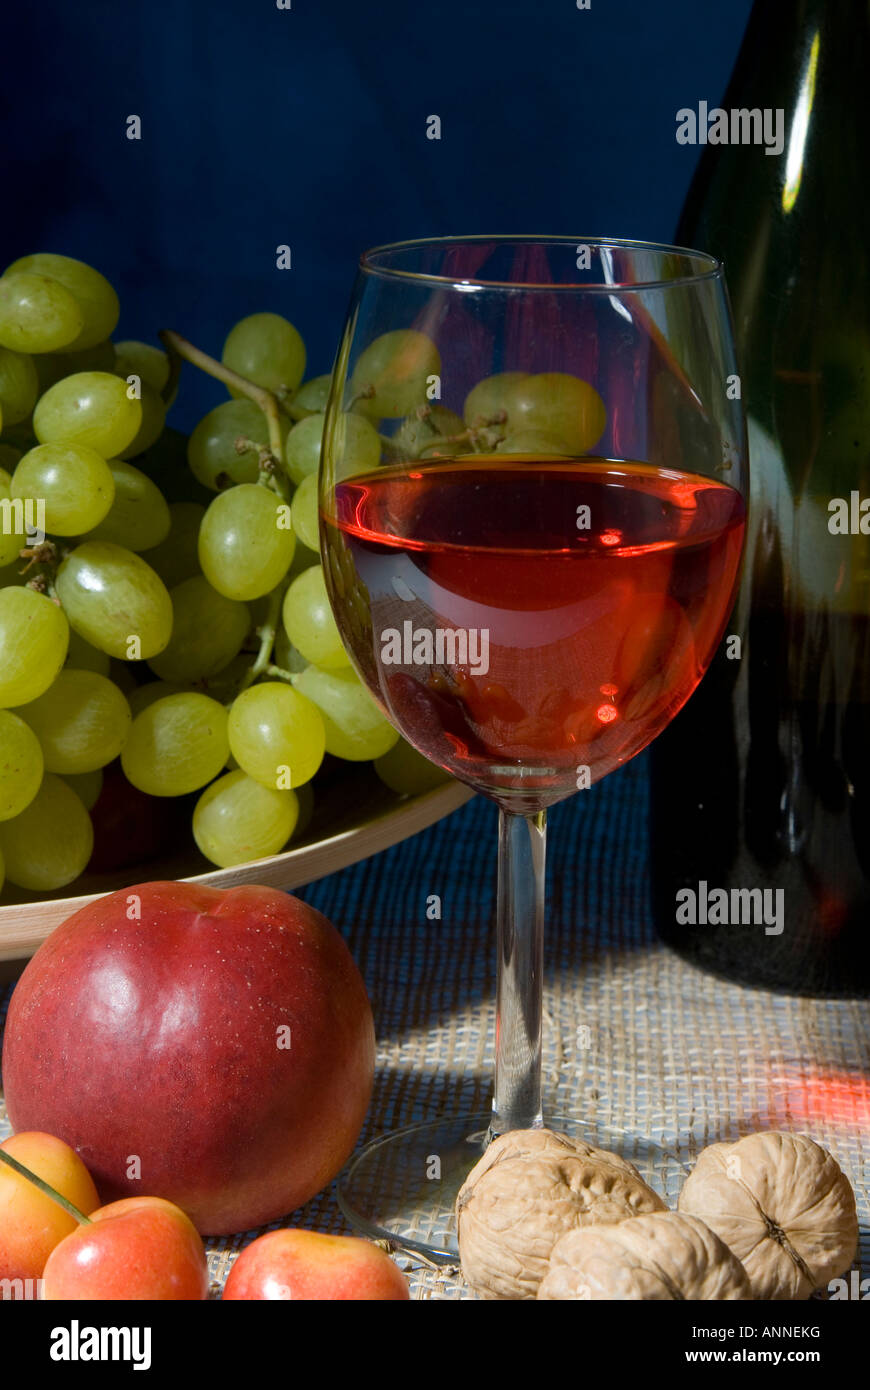 Toujours classique coloré vie bol de fruits et une bouteille de vin avec un wineglasses sur fond noir Photo Stock